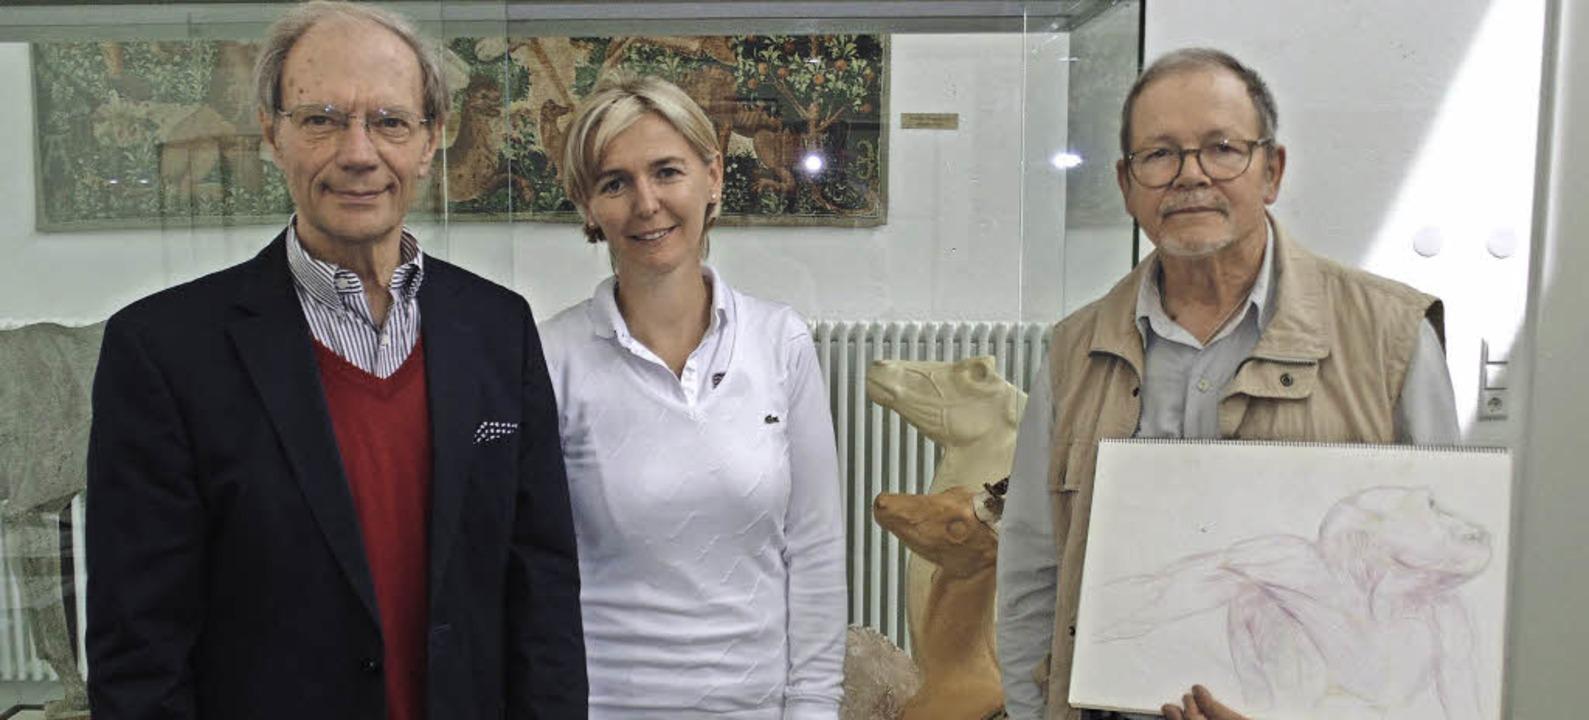 Vor Tiermodellen: Günther Nufer, die G...und Präparator Uwe Goepel (von links)   | Foto: Michael Gottstein